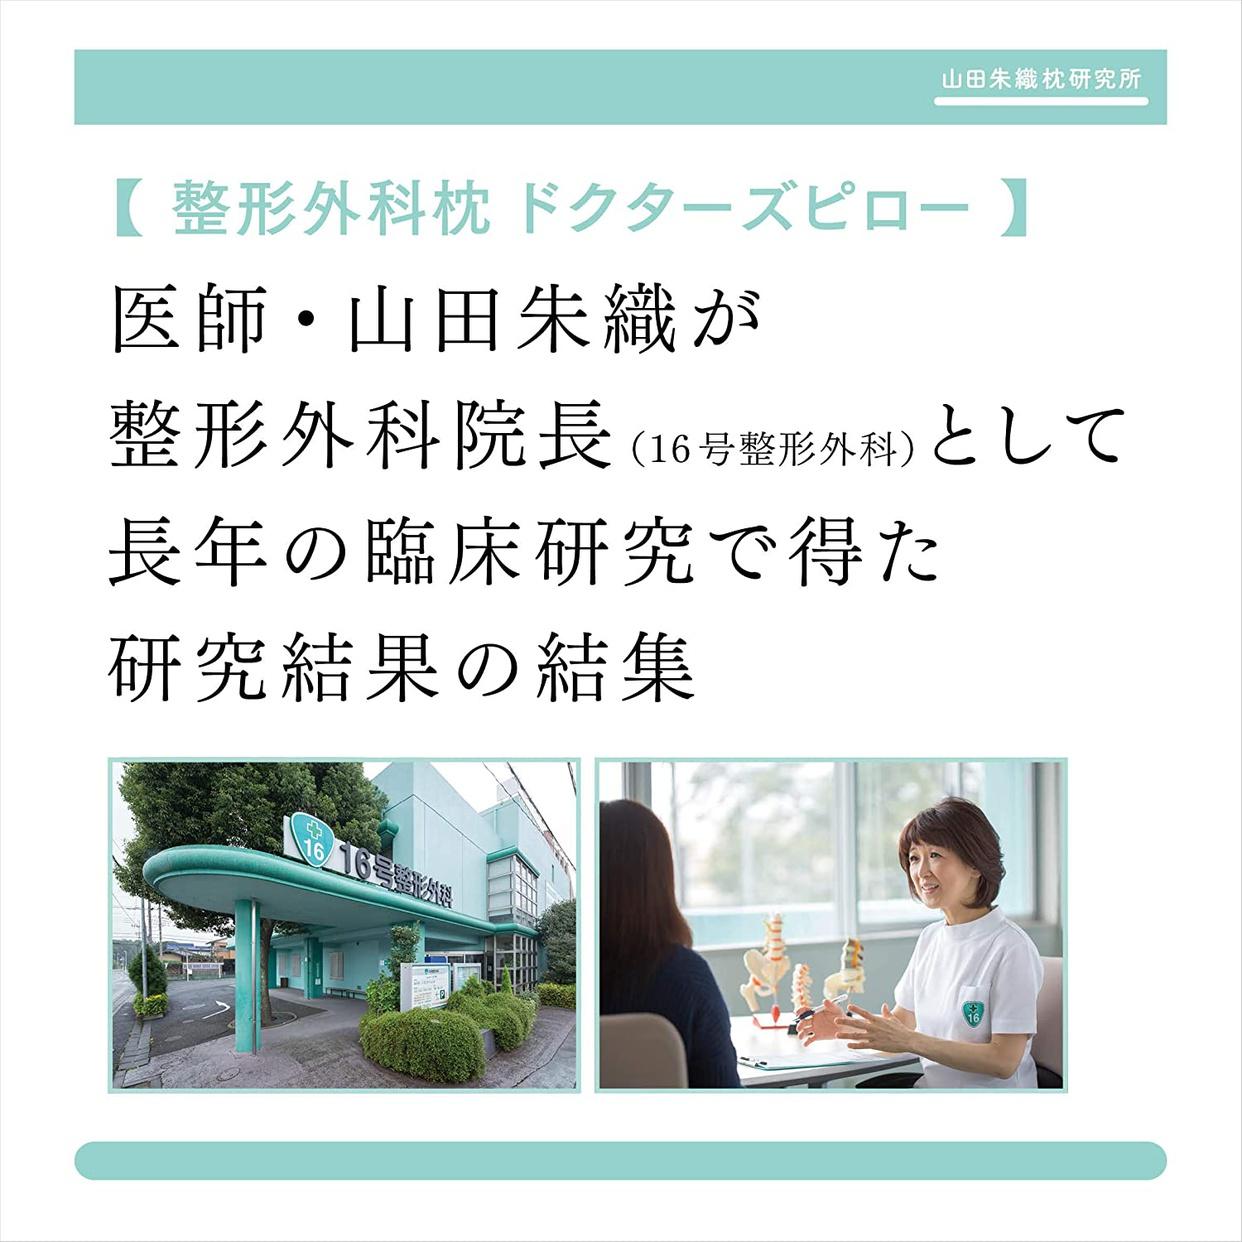 山田朱織枕研究所 整形外科枕ライトの商品画像3